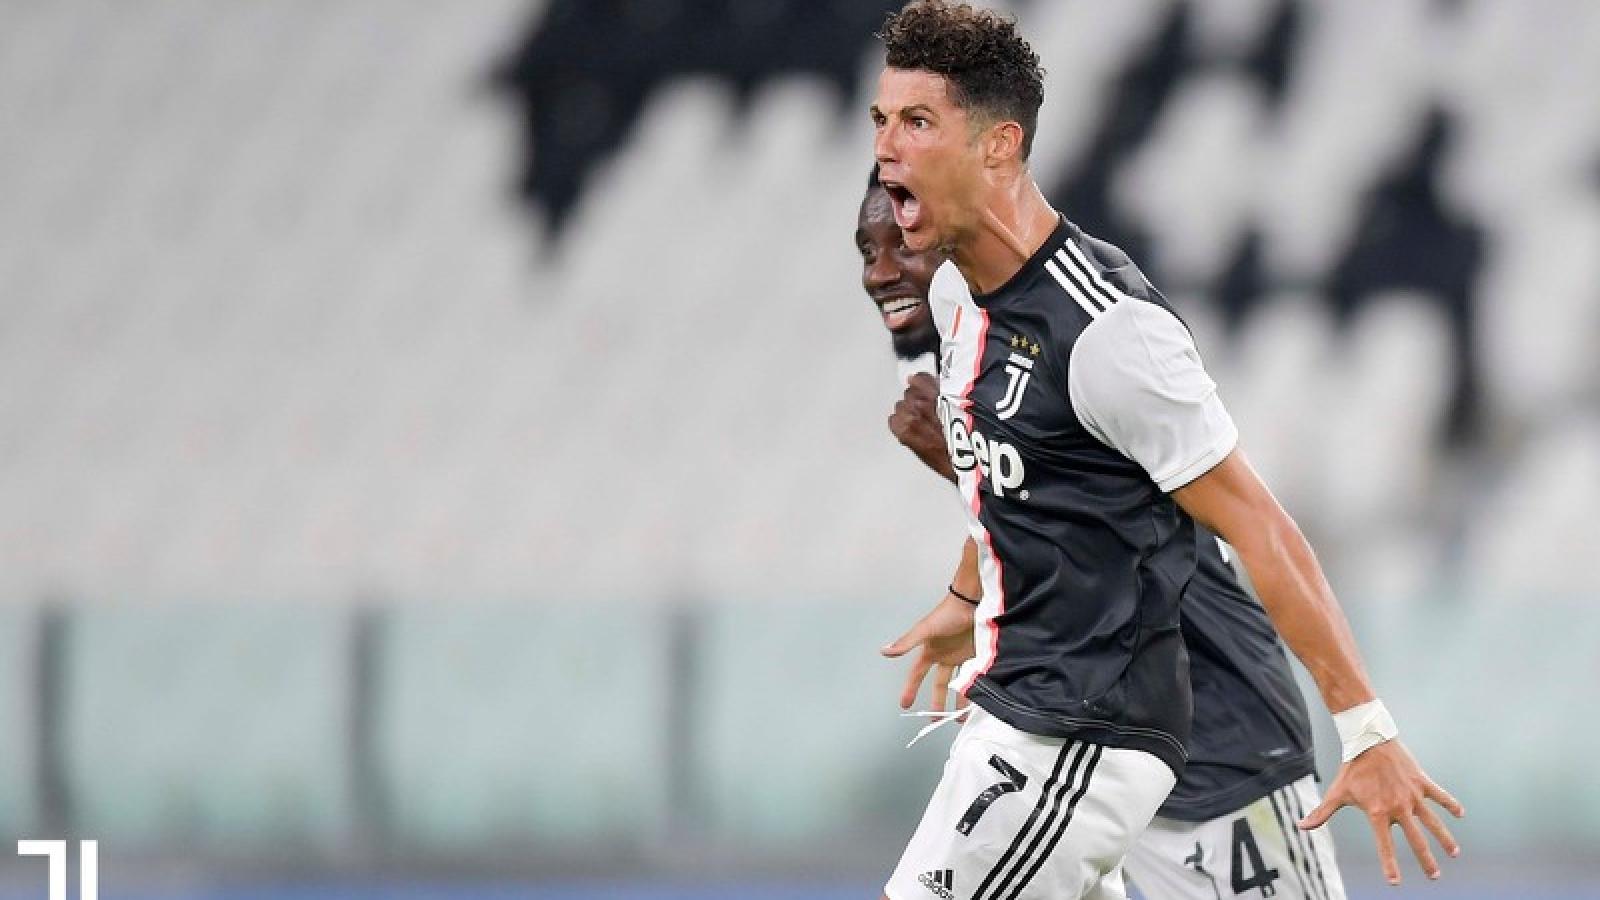 Ronaldo thi đấu như thế nào trong ngày Juventus vô địch Serie A 19/20?